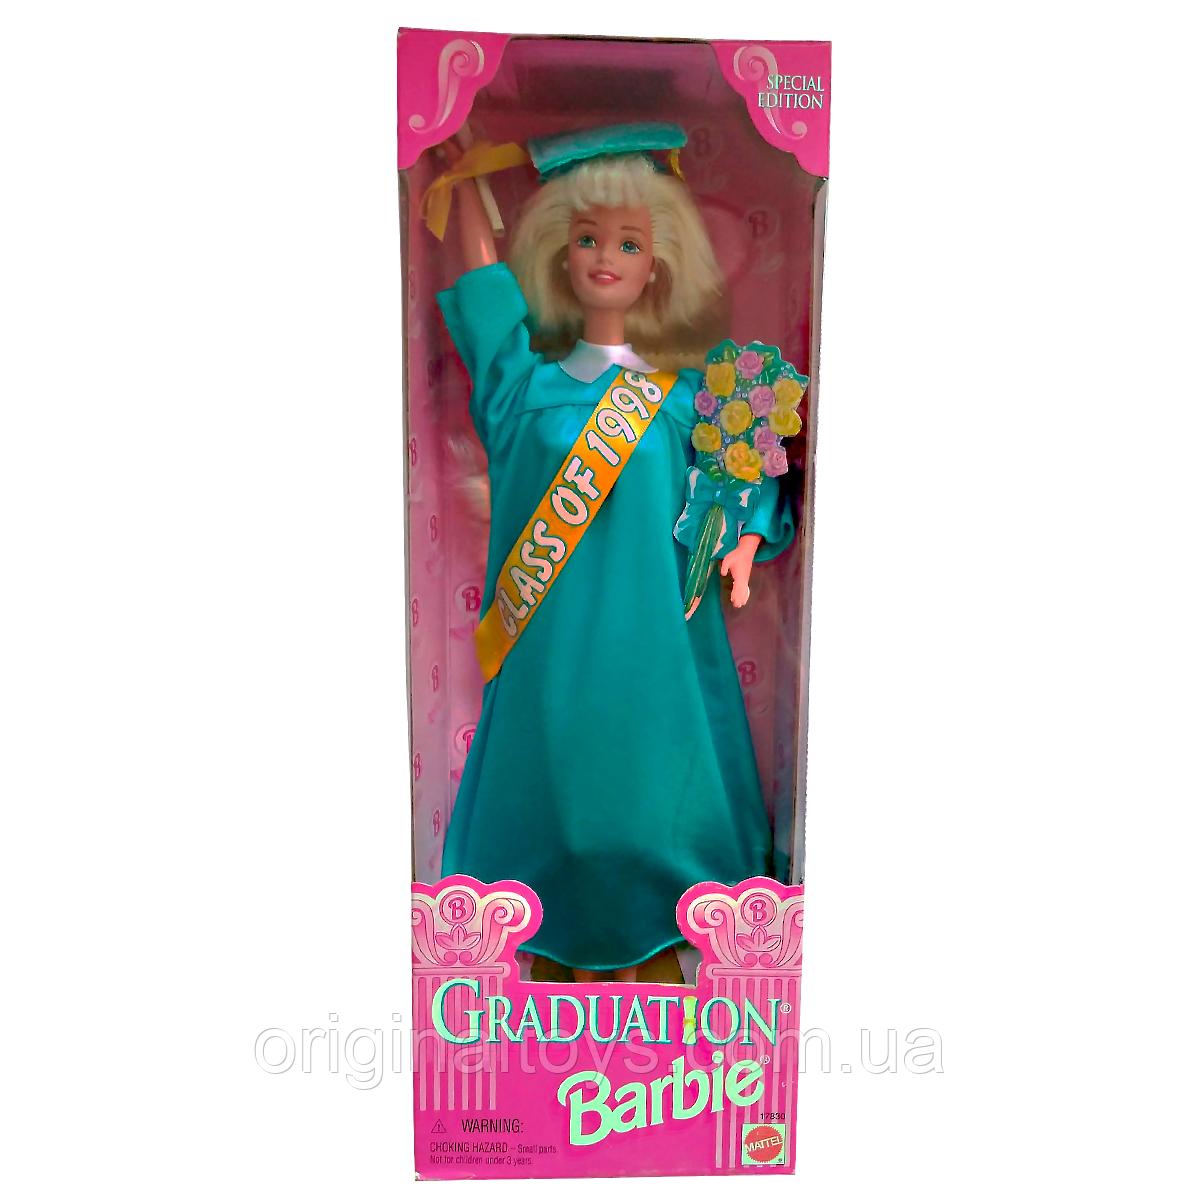 Коллекционная кукла Барби Выпускной 98 Barbie Graduation Barbie Class of 1998 Special Edition Mattel 17830